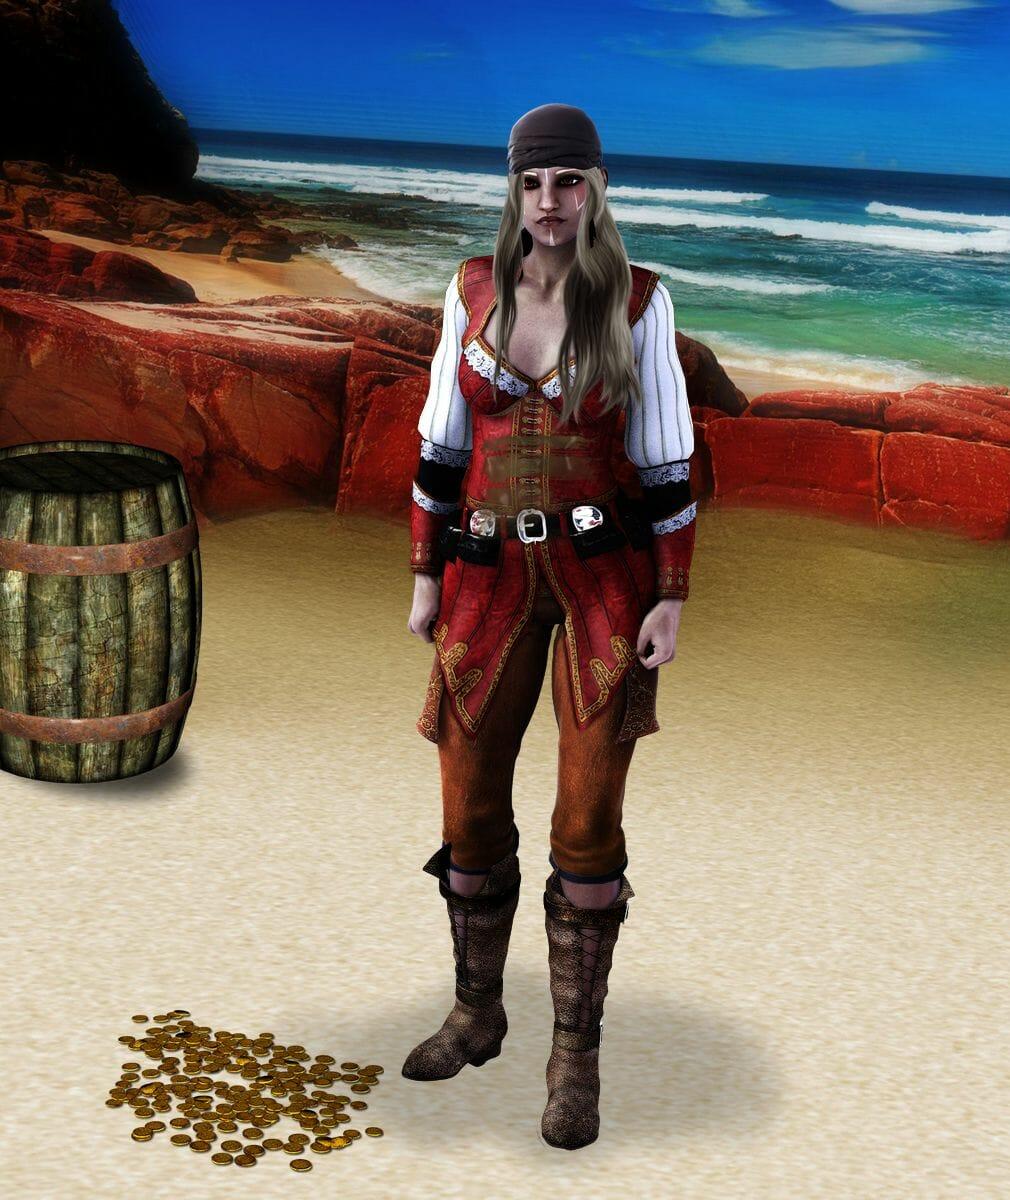 ePic pirate